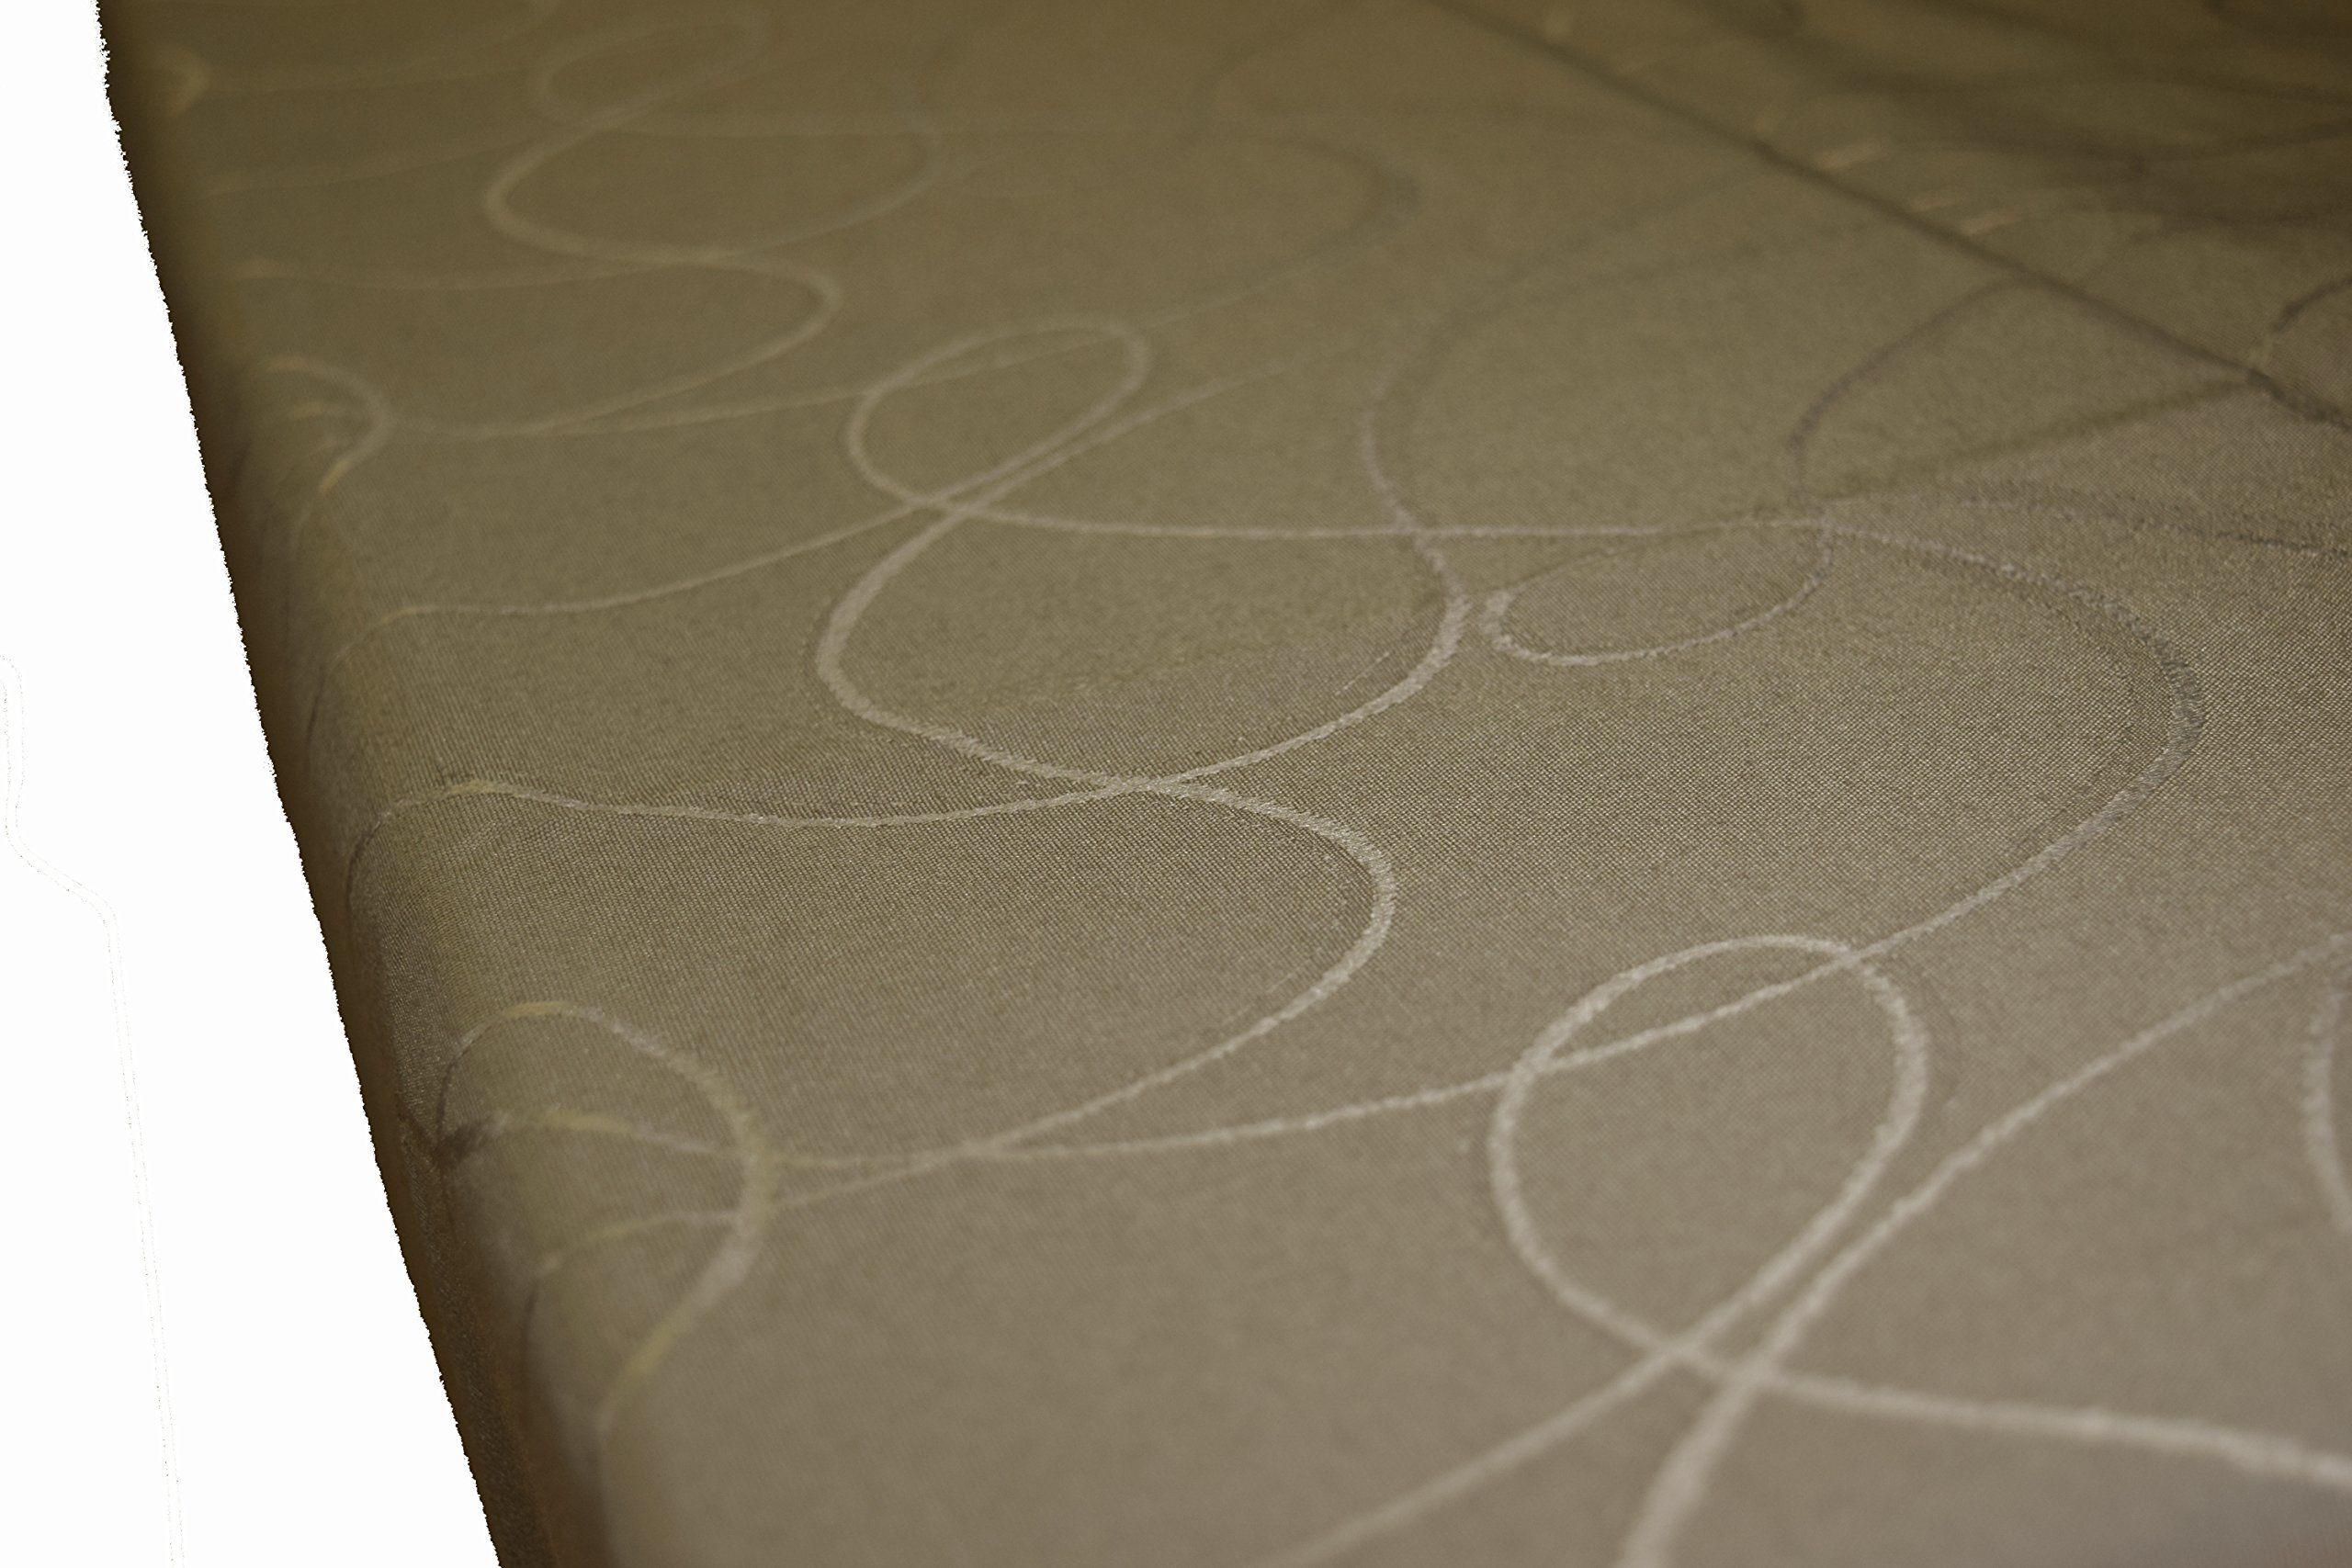 Comptoir du Linge csi06005 obrus prostokątny tkanina/poliester/bawełna/teflonowa 300 x 150 x 0,5 cm, kolor szarobrązowy, 300 x 150 x 0,5 cm